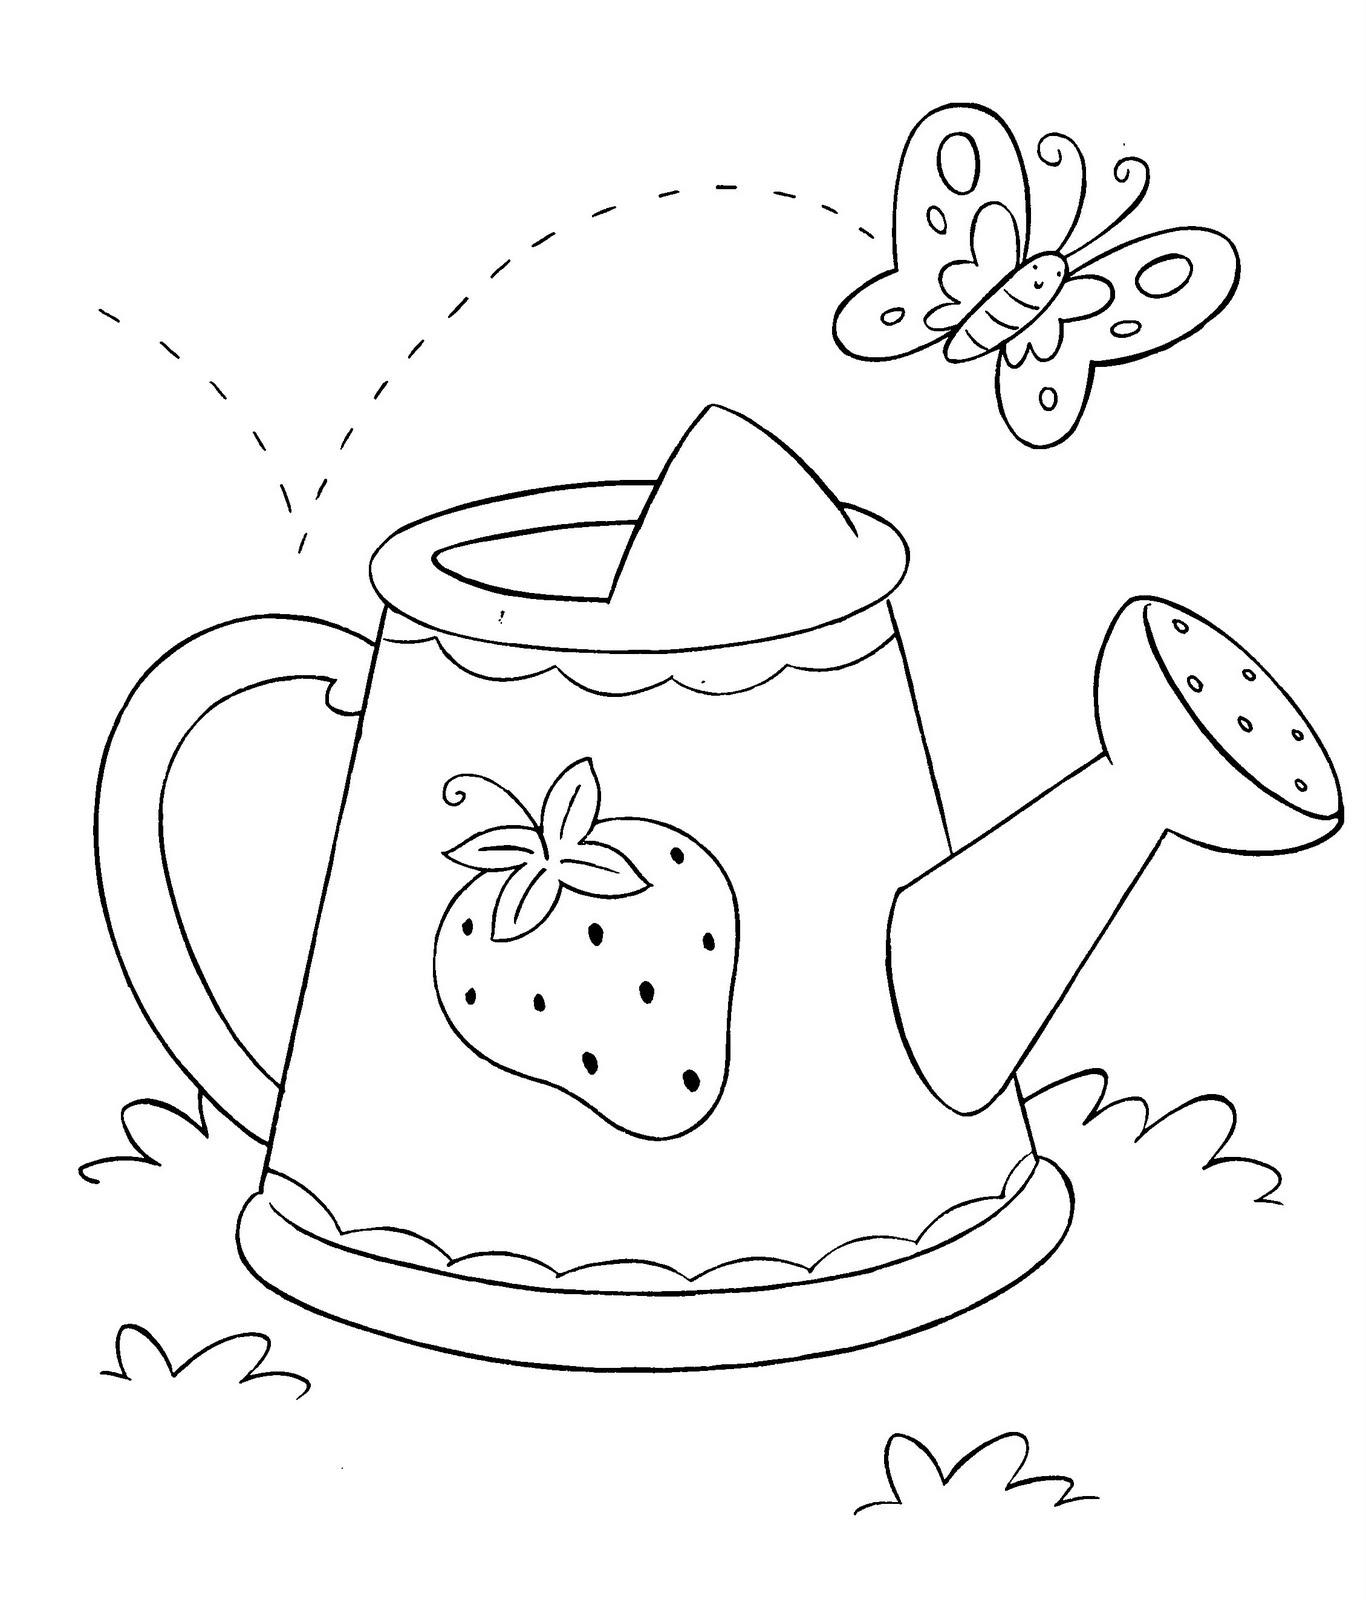 Dibujo para colorear de regadera de baño - Imagui